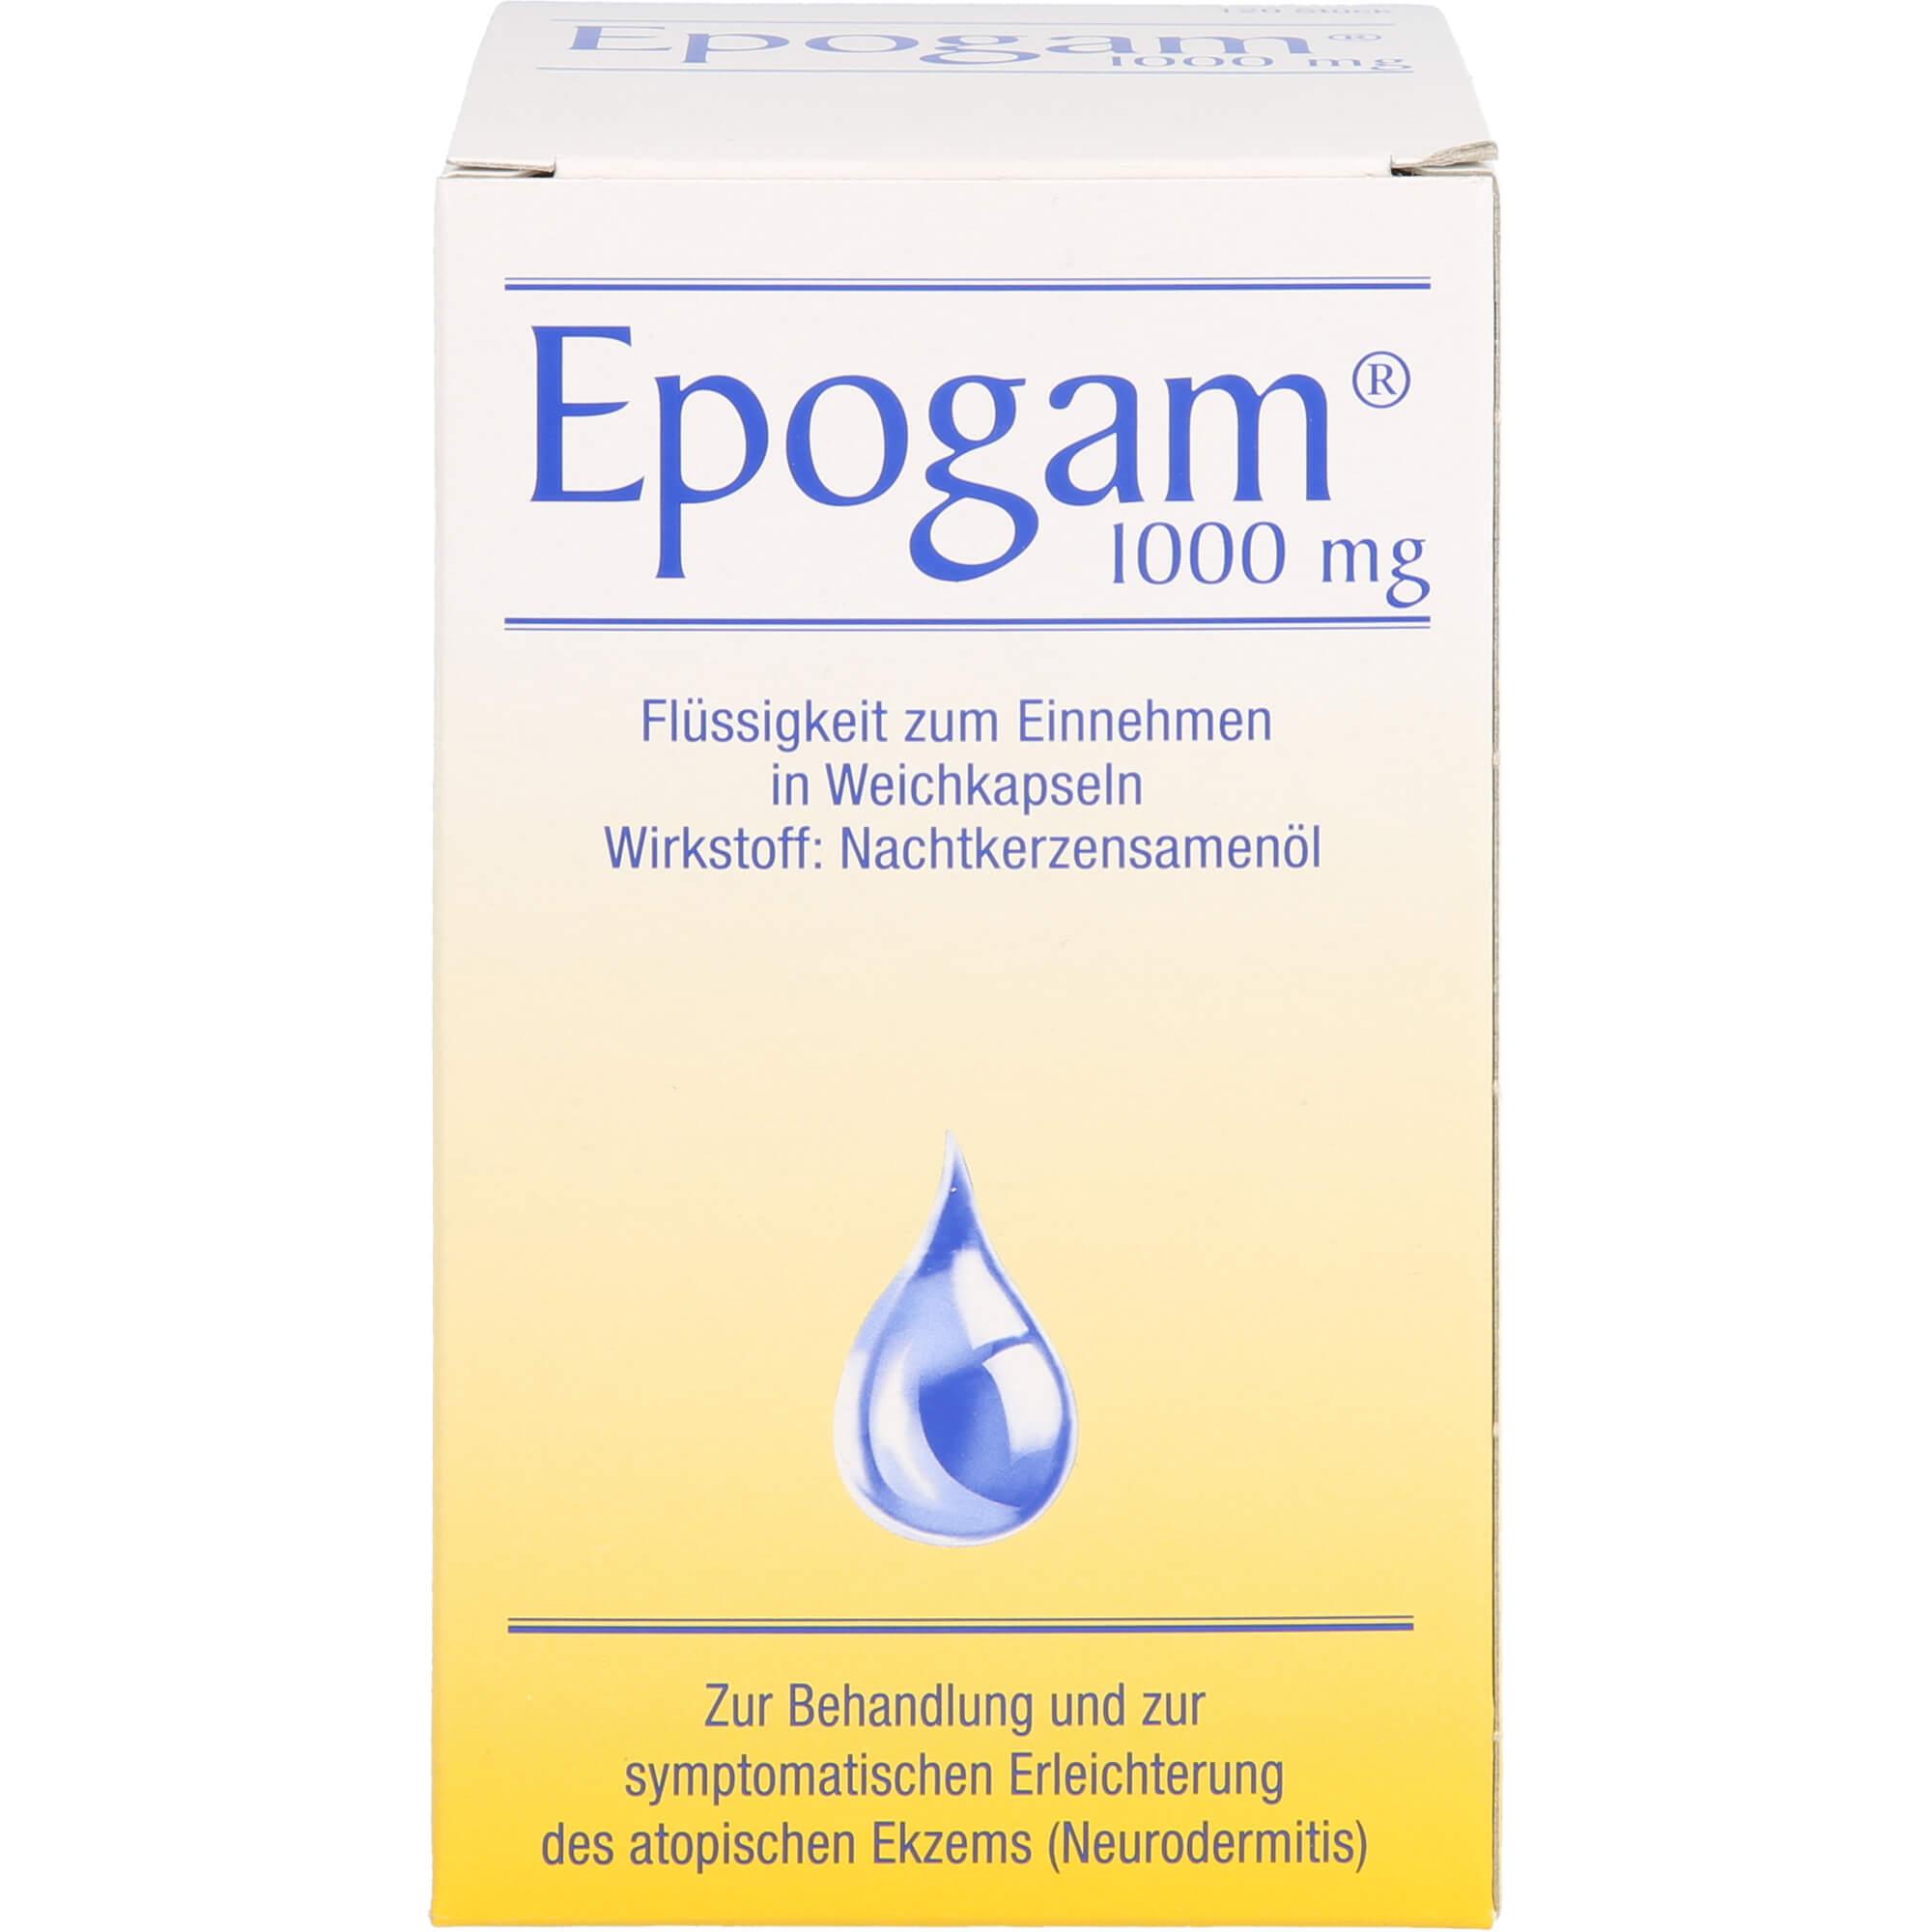 EPOGAM 1000 Weichkapseln